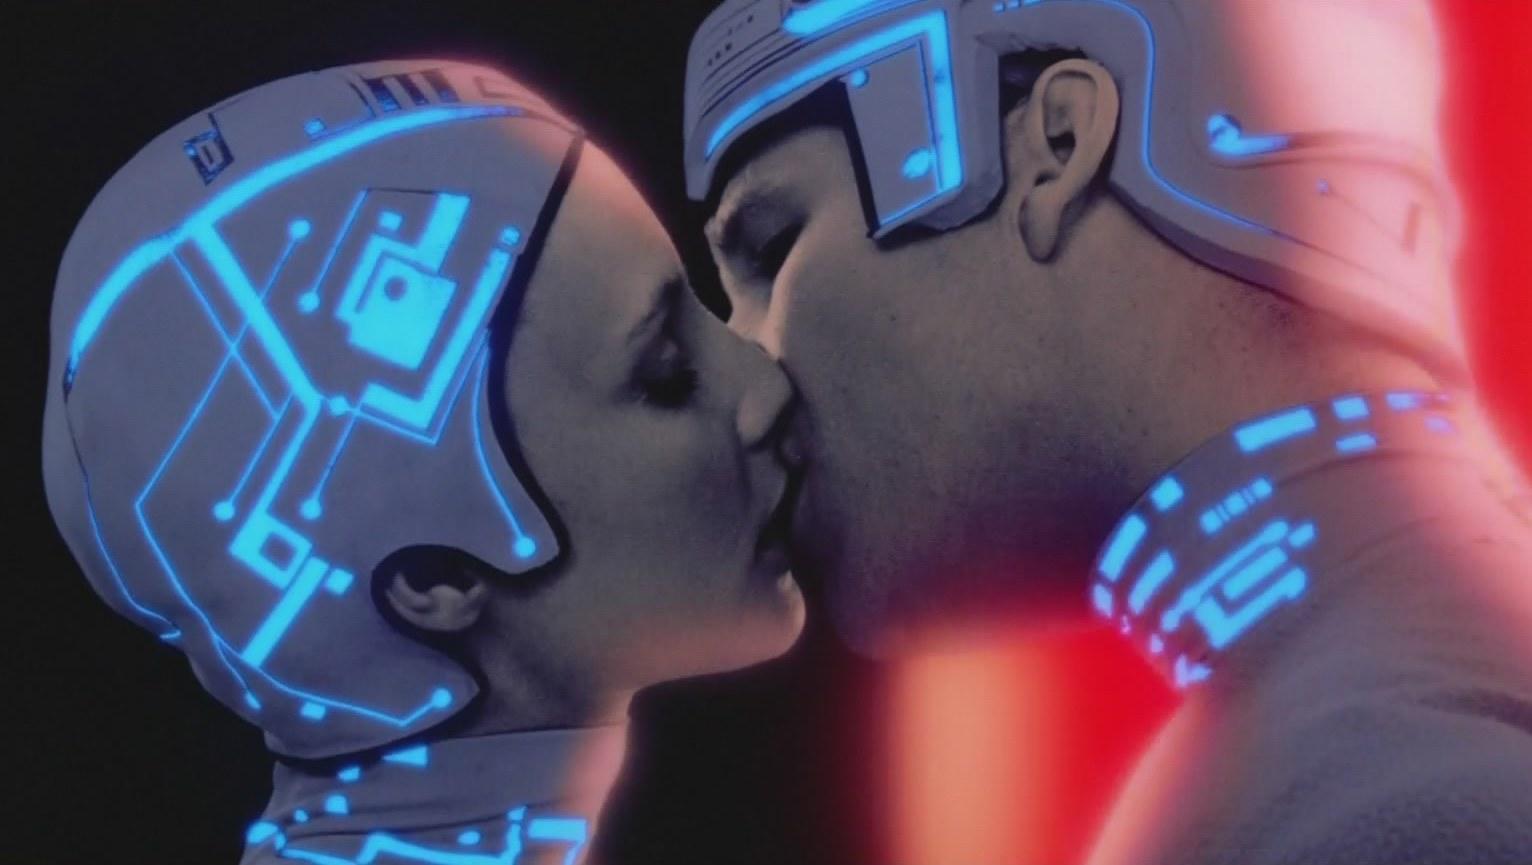 http://www.agolde.com/wp-content/uploads/2014/04/tron-helmet-kiss.jpg